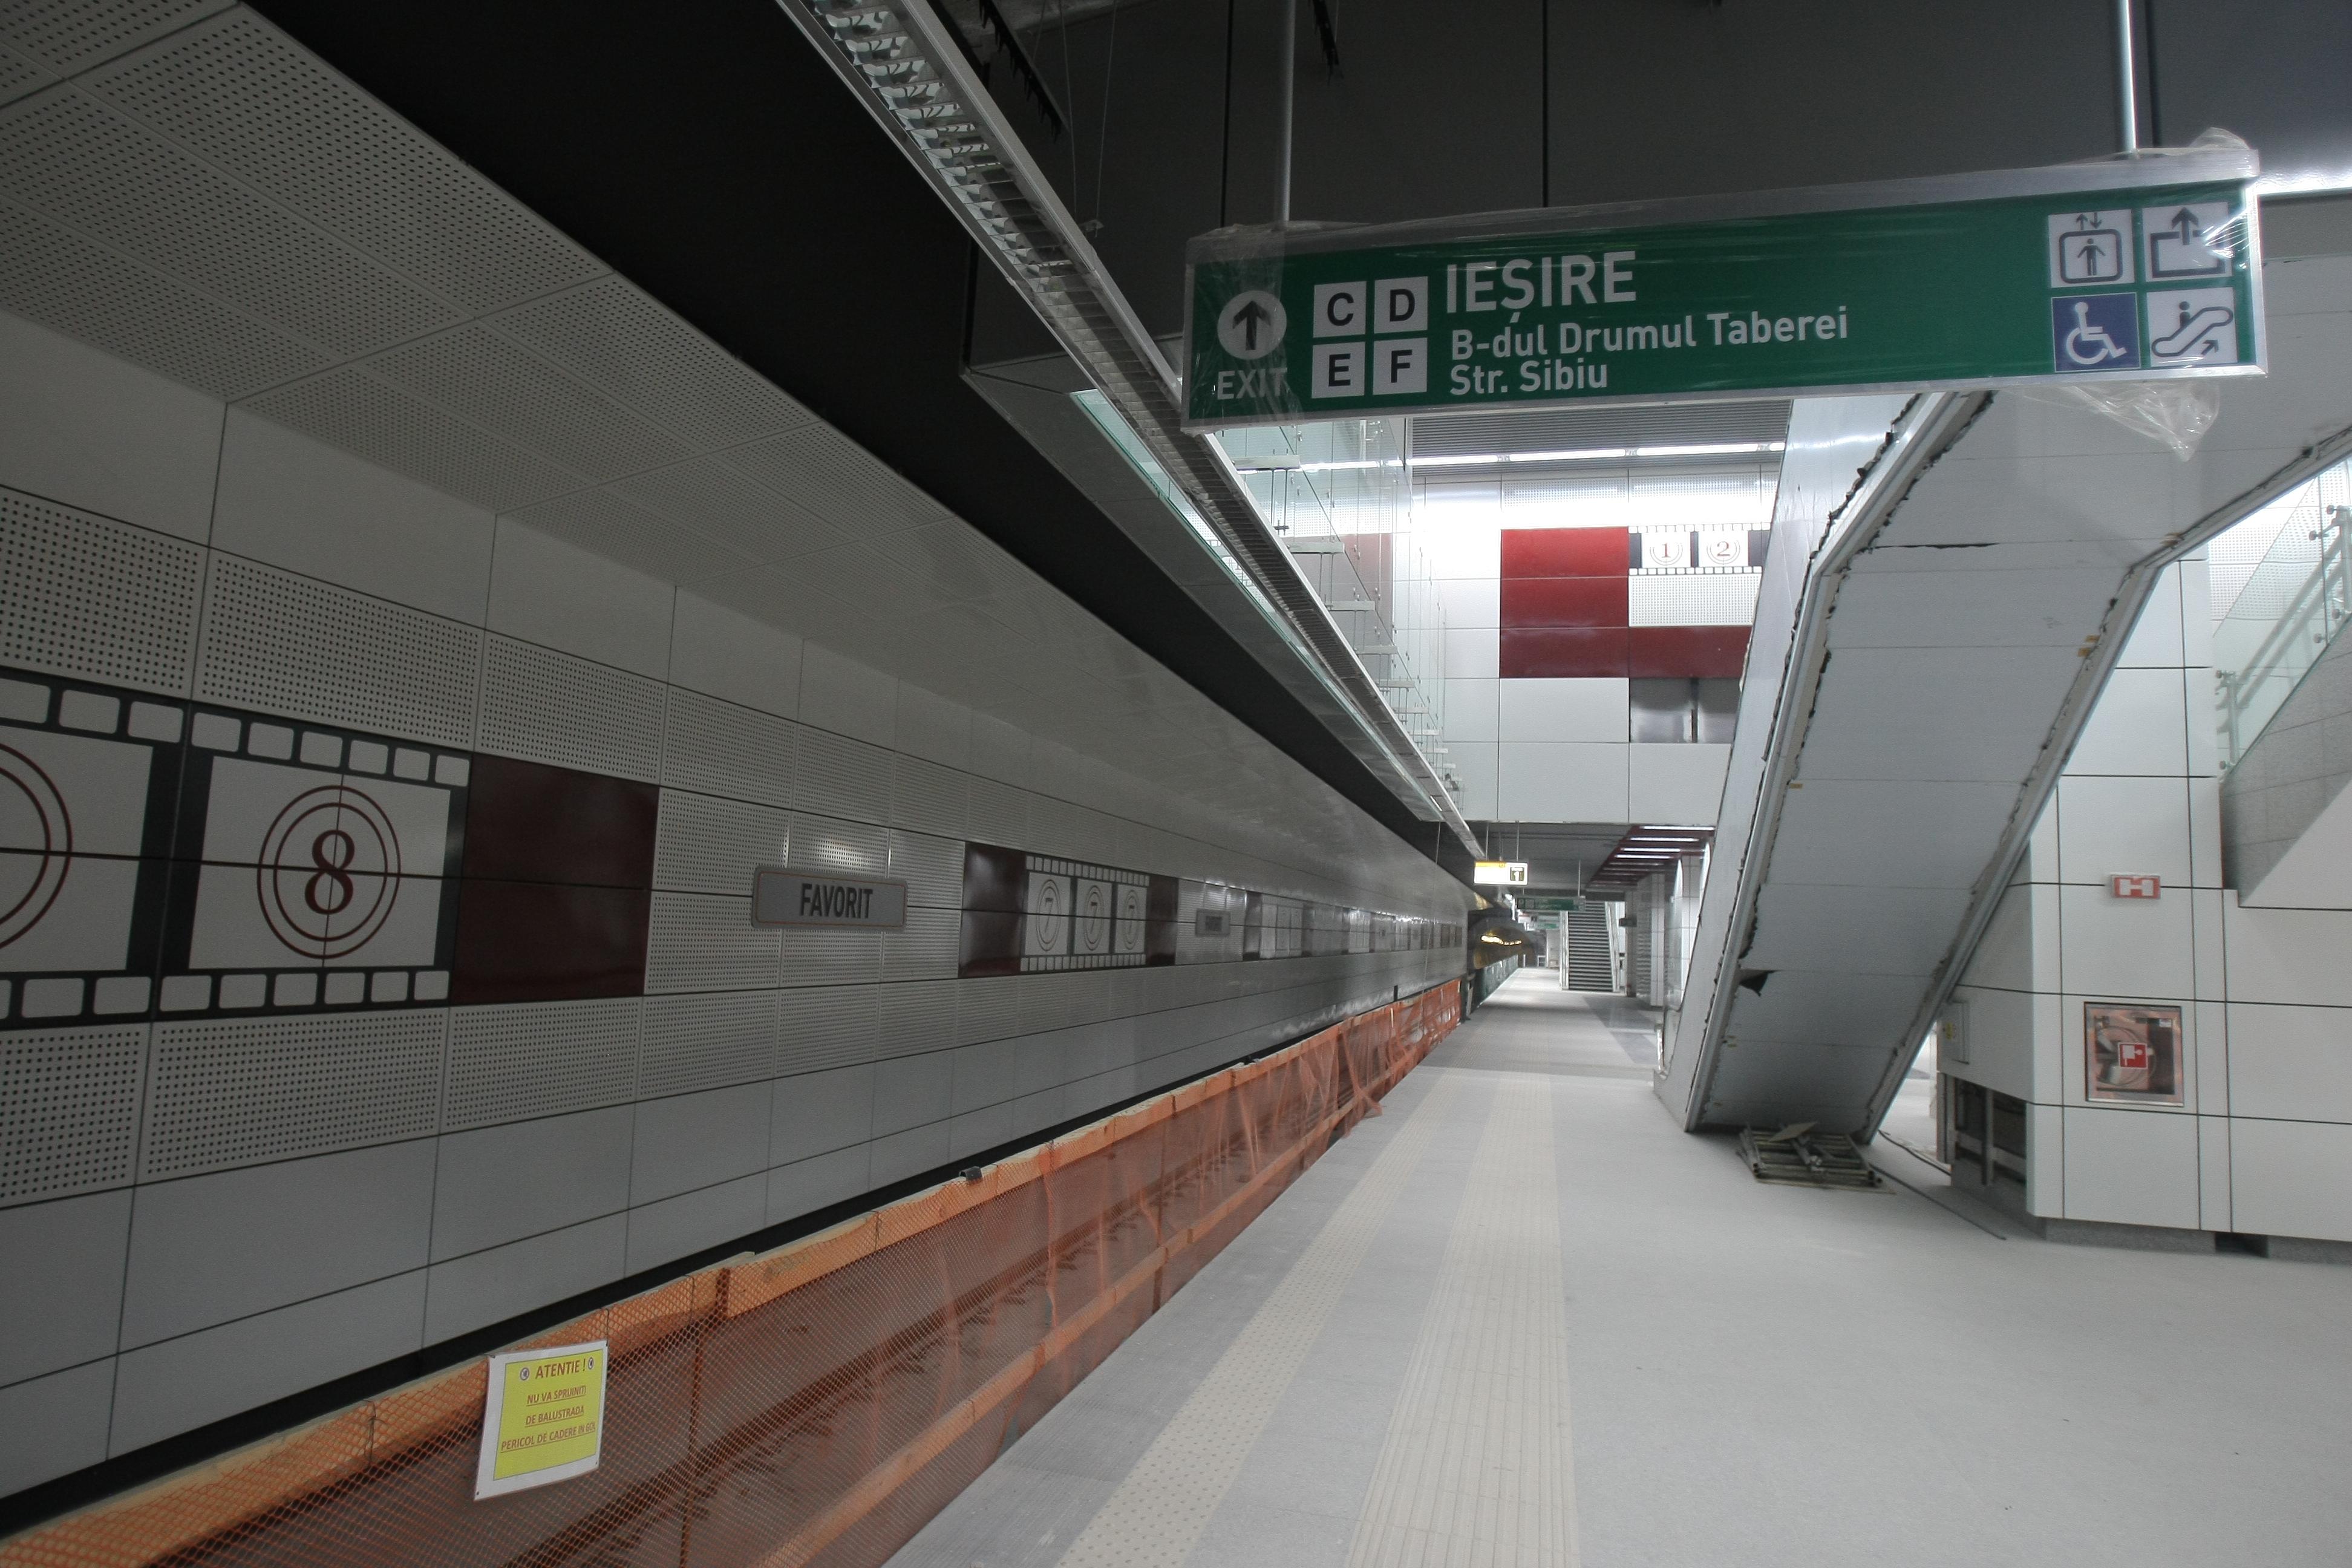 Metroul din Drumul Taberei rămâne doar un vis. Metrorex a făcut anunțul